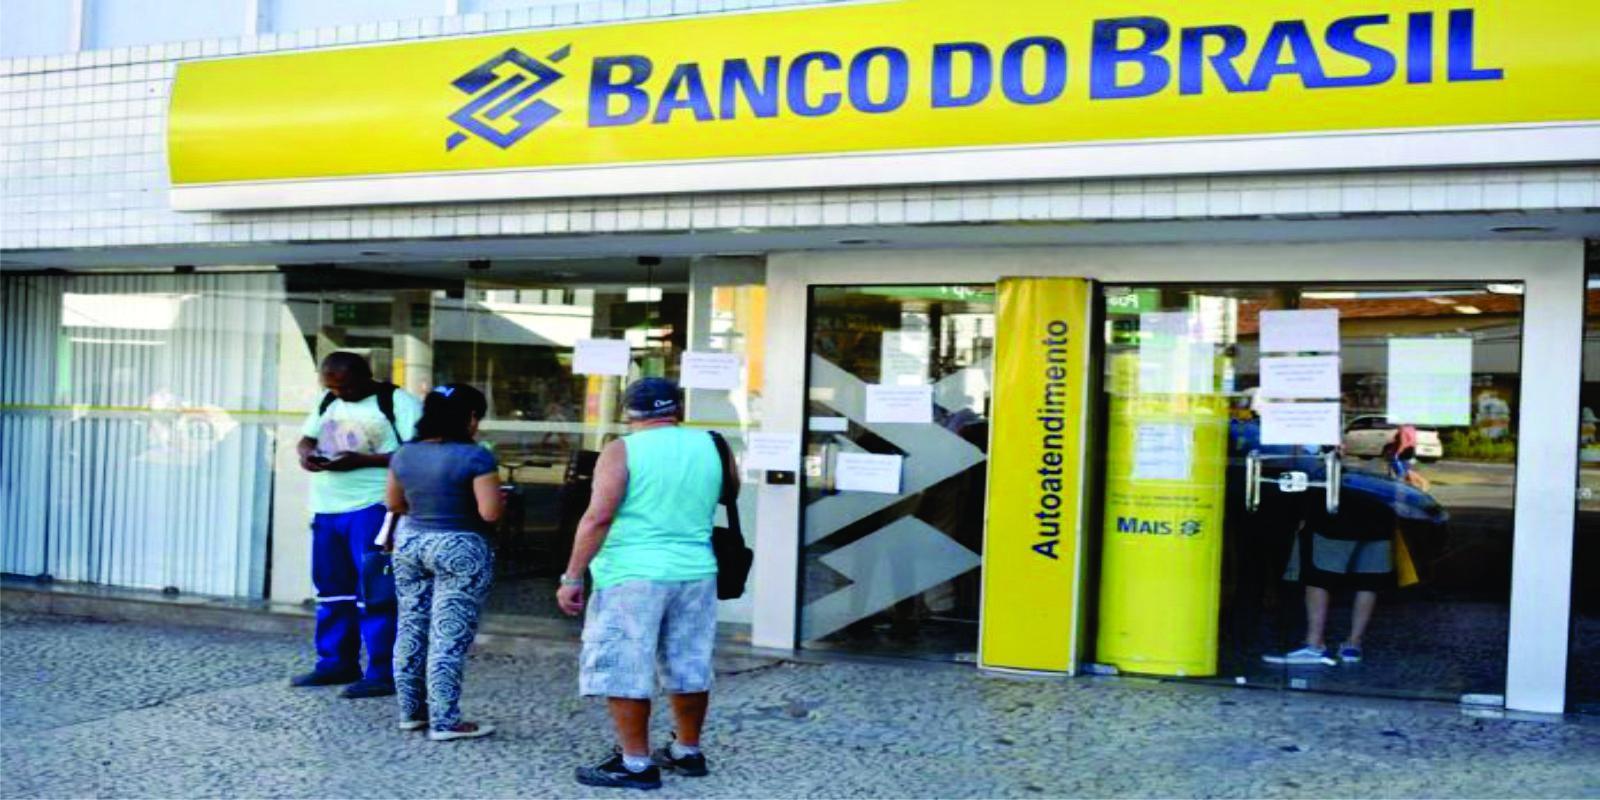 Agência do Banco do Brasil do centro de Macaé, volta operar com numerário